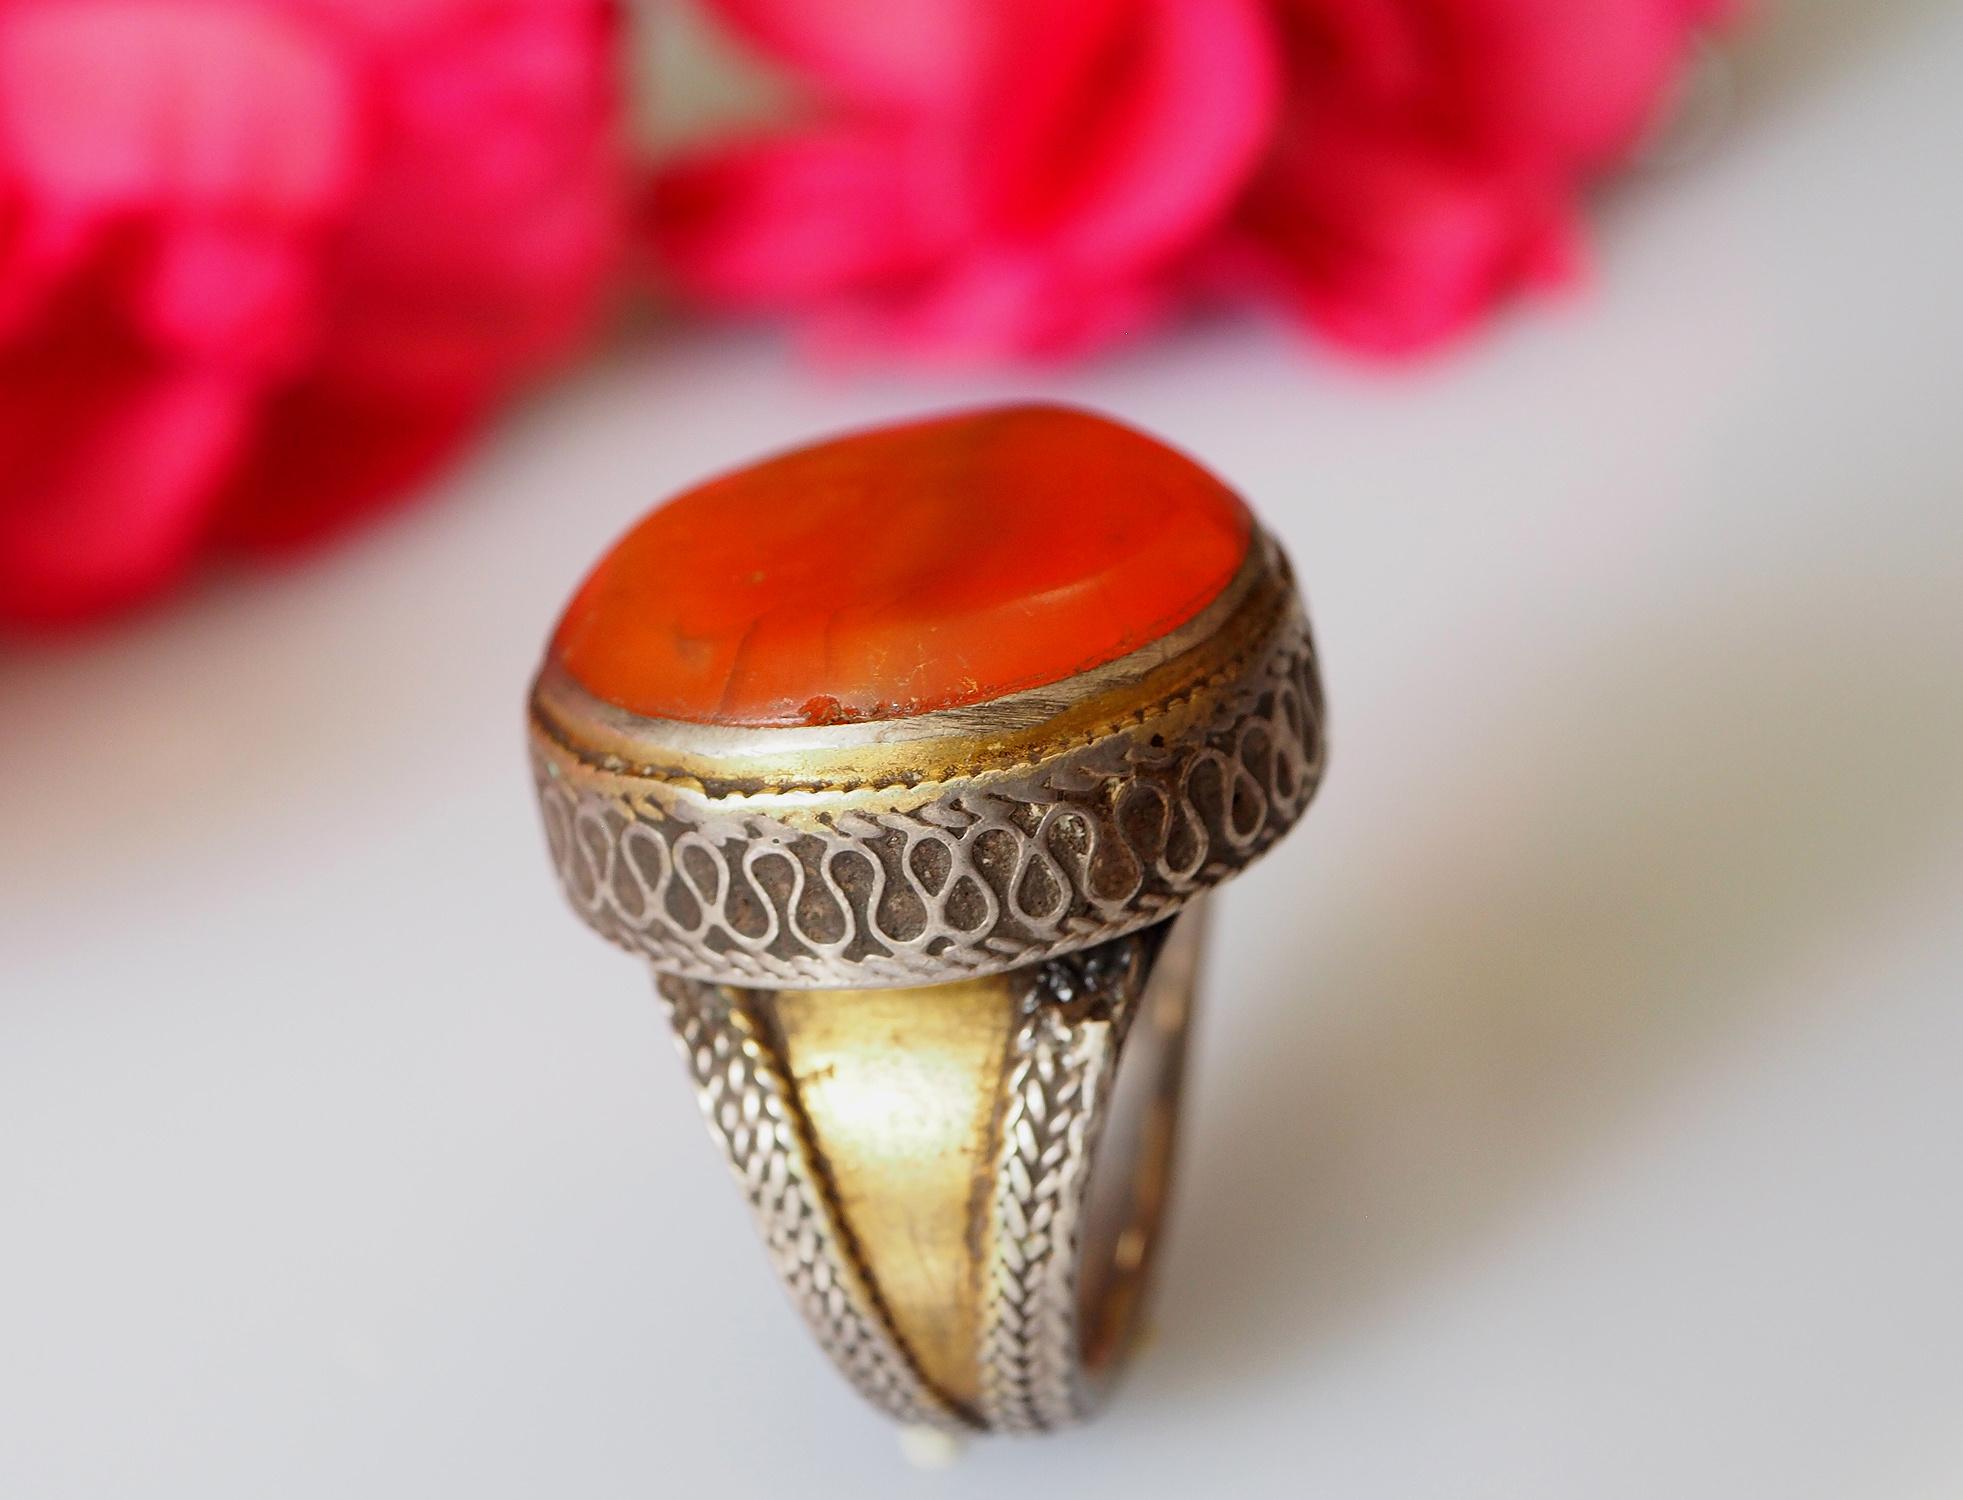 Turkmen cabochen Carnelian Ring  No: 471